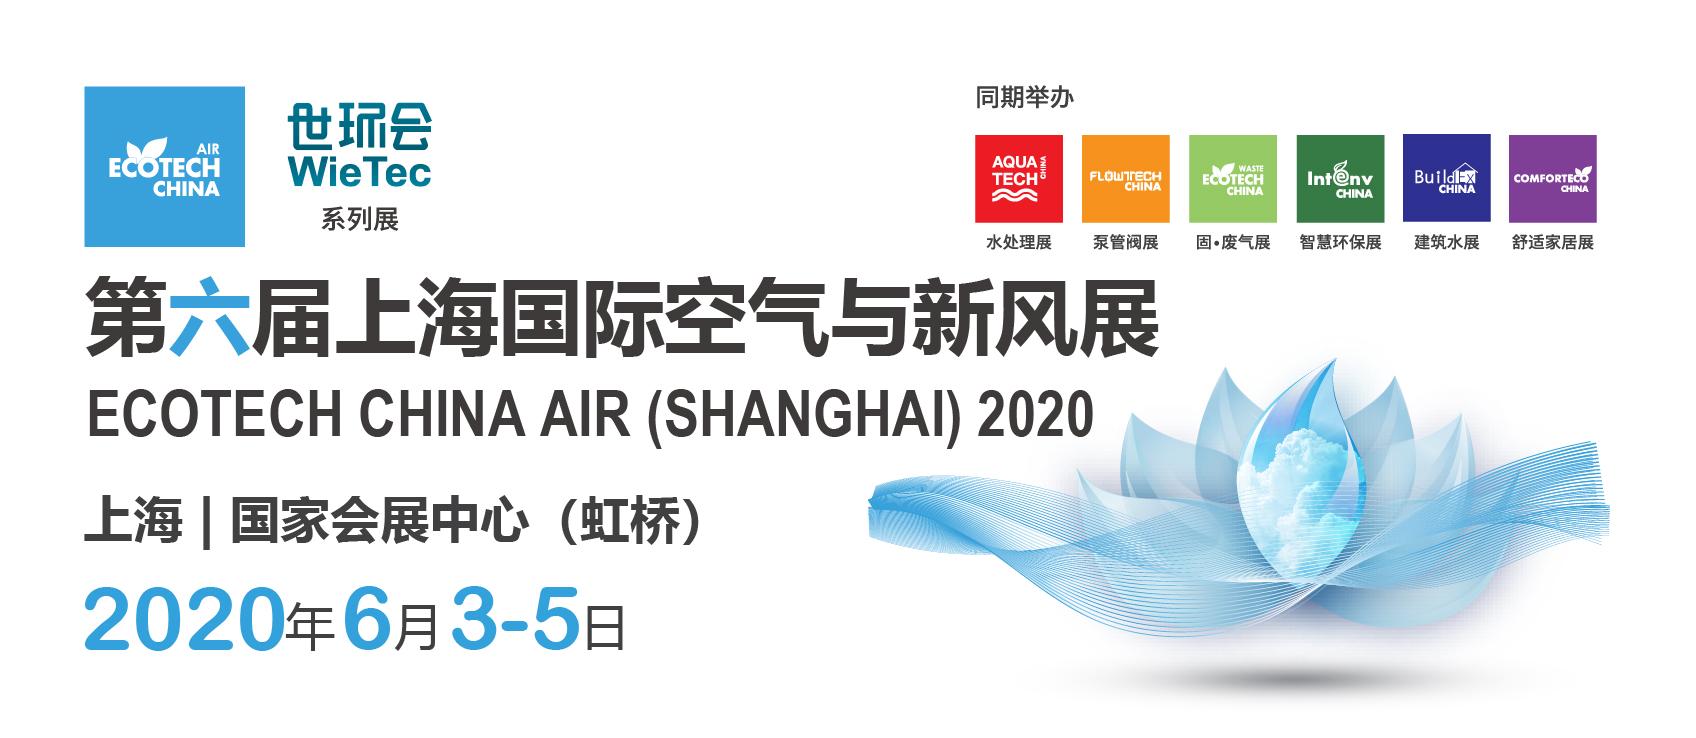 上海国际空气与新风展